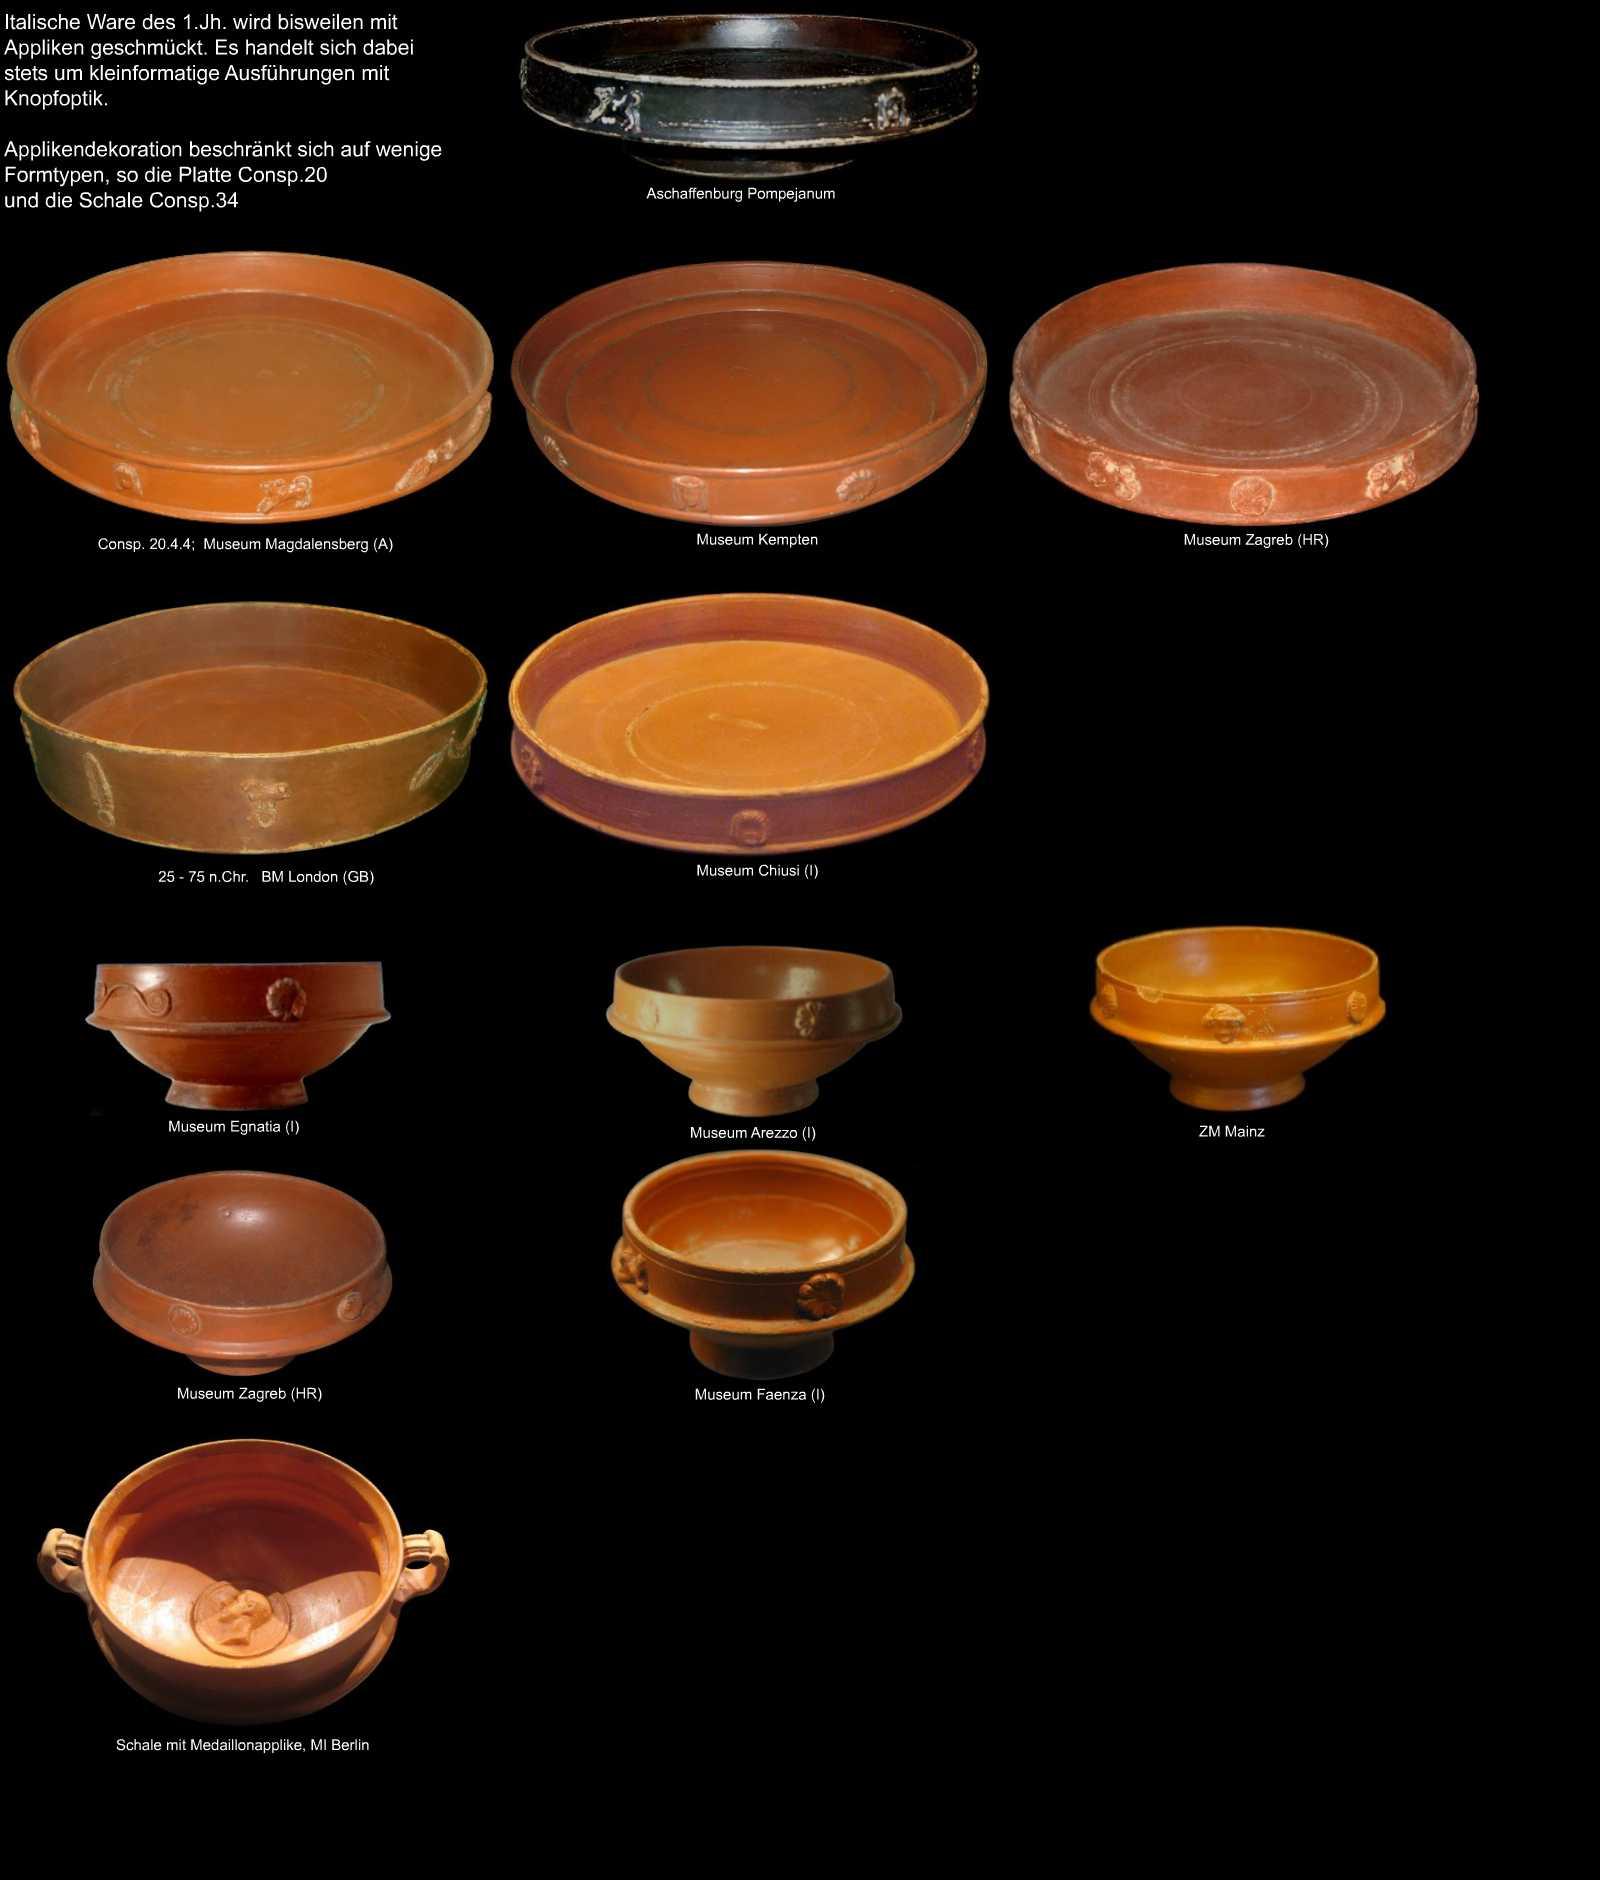 applikendekorierte keramik aus dem r mischen italien. Black Bedroom Furniture Sets. Home Design Ideas